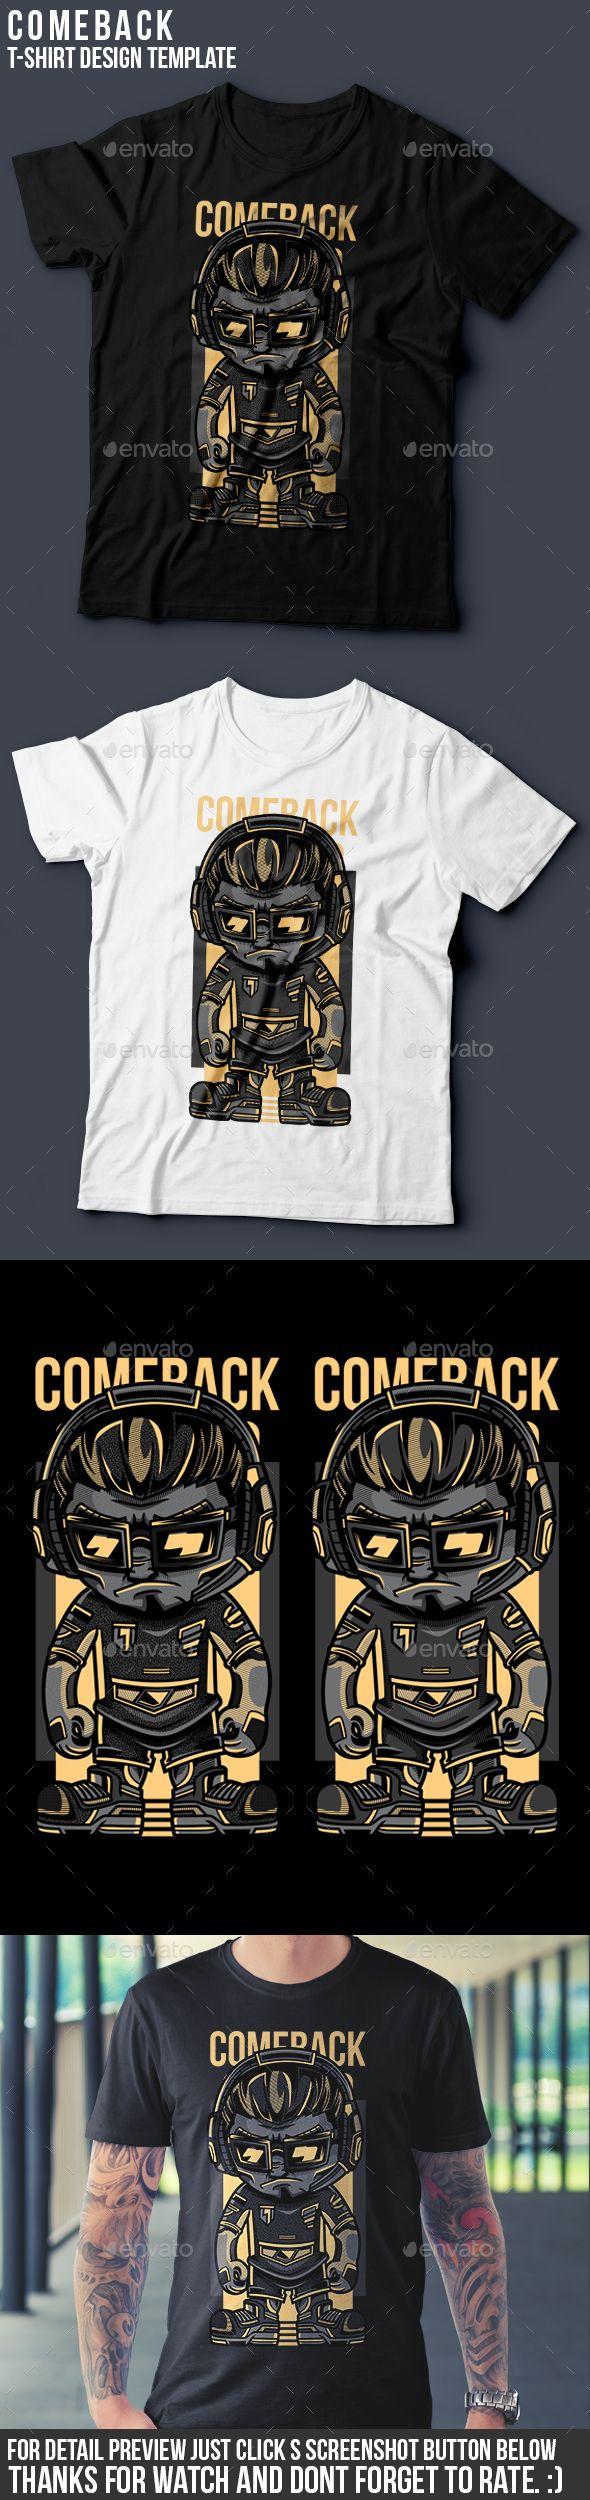 Car body sticker design eps - Comeback T Shirt Design